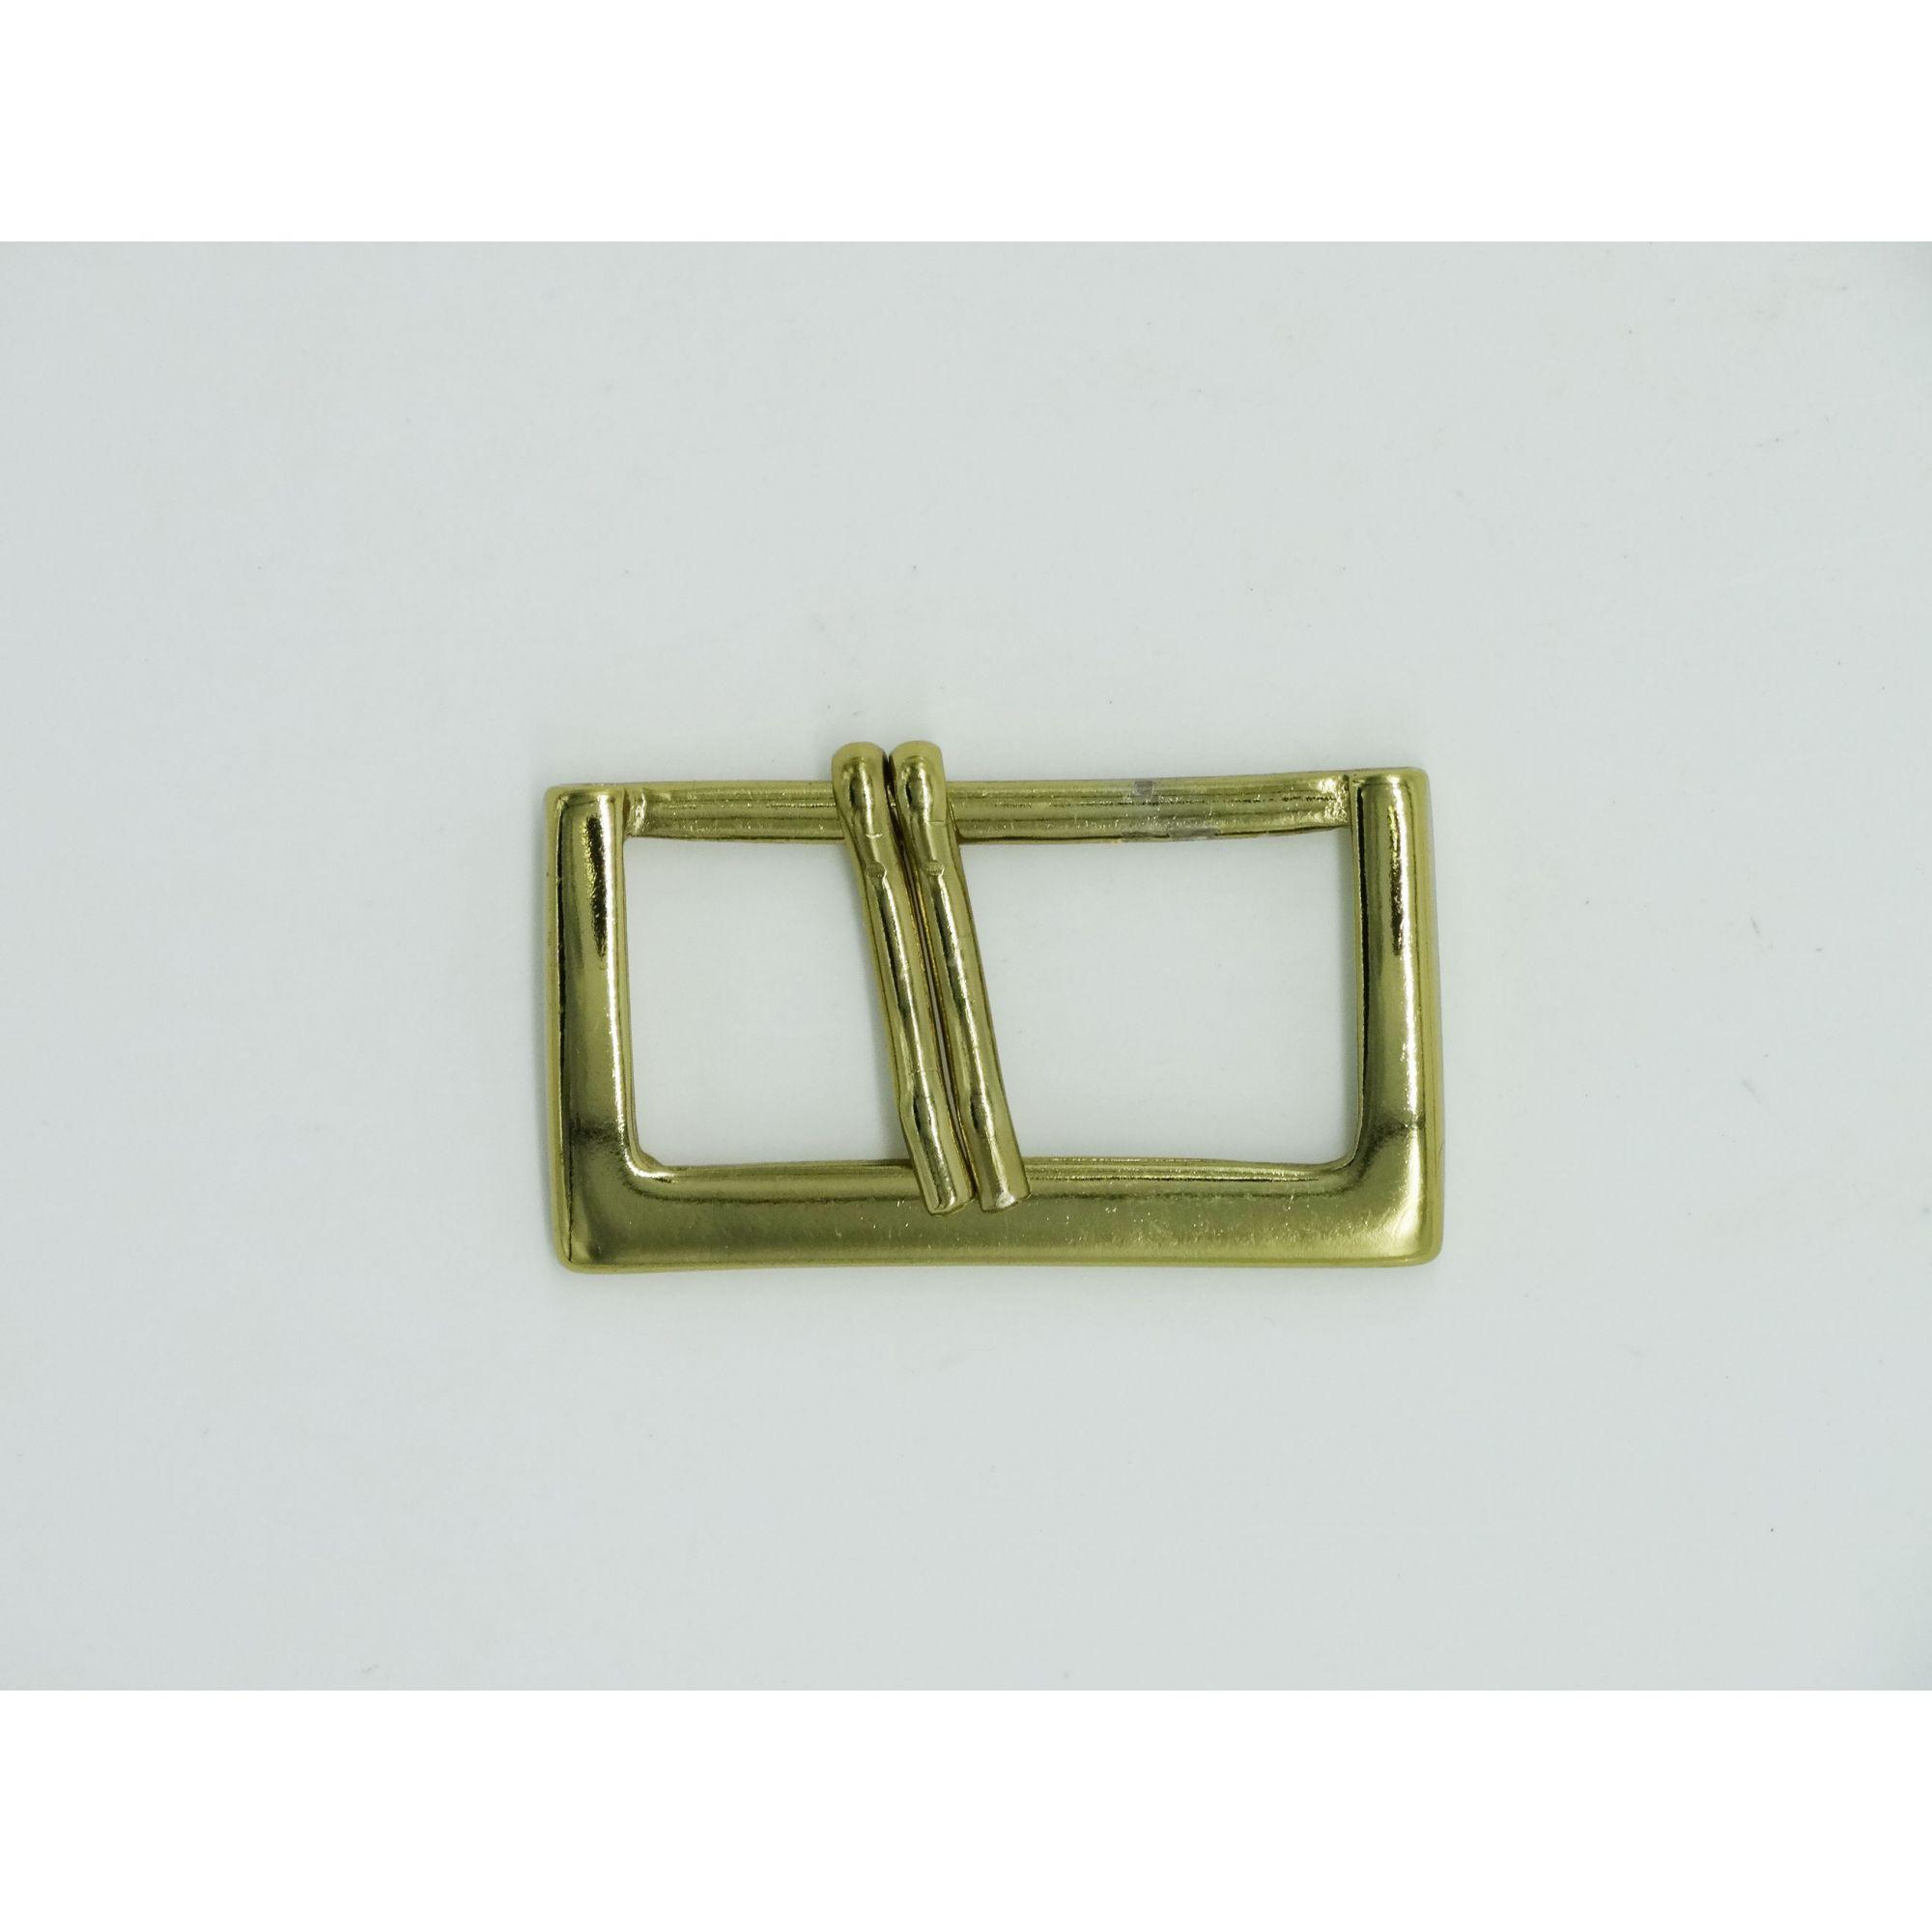 RG3725-37 FIVELA GOLD | PCT COM 250 PCS